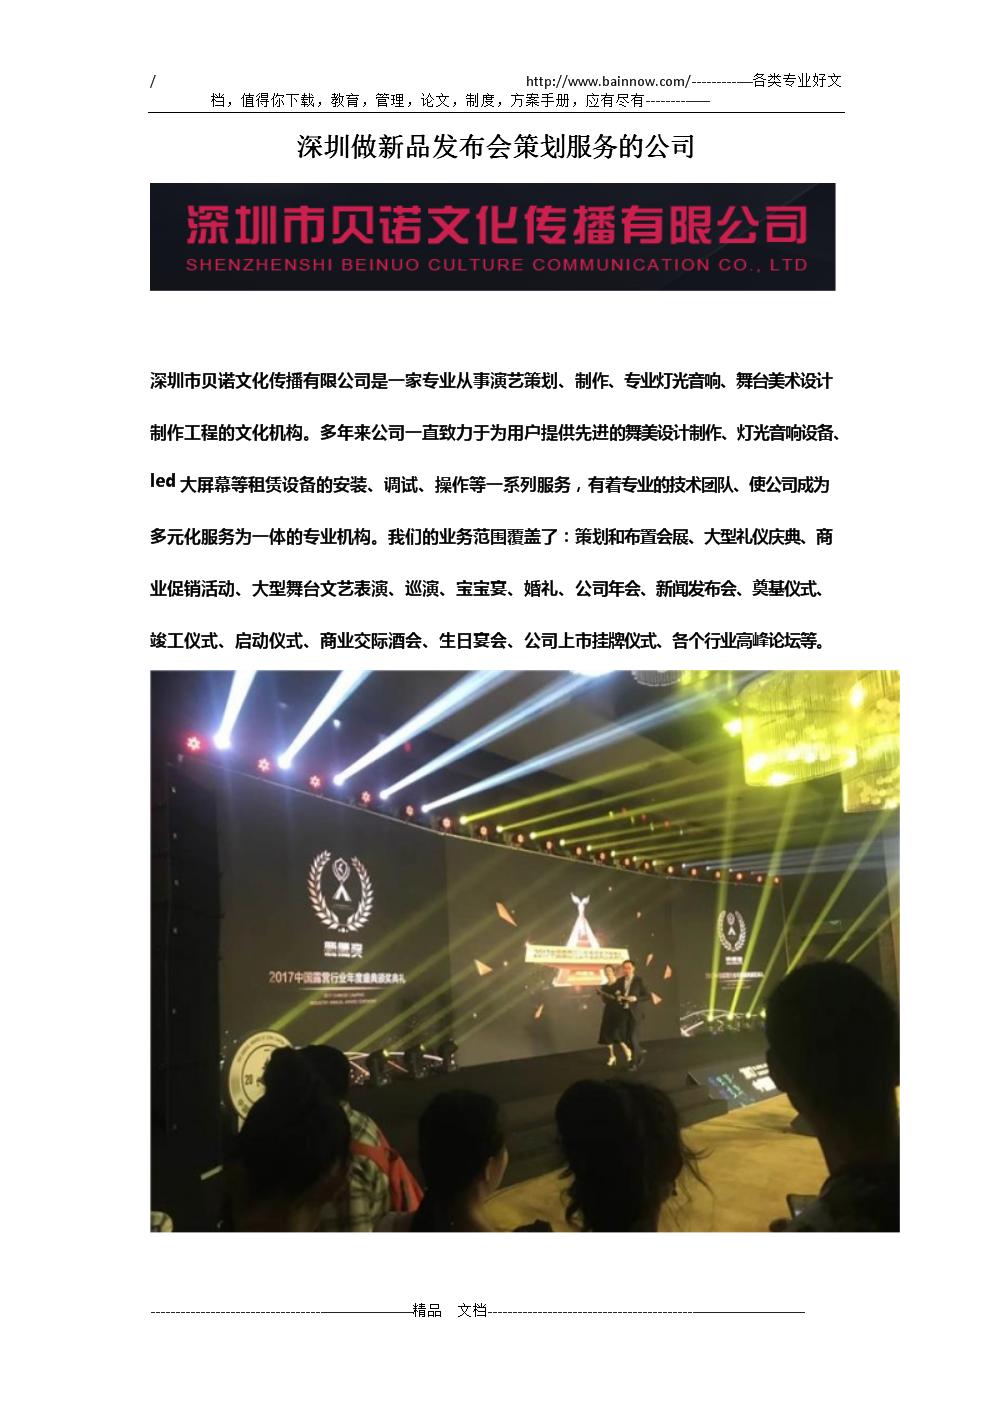 深圳做新品发布会策划服务的公司.docx